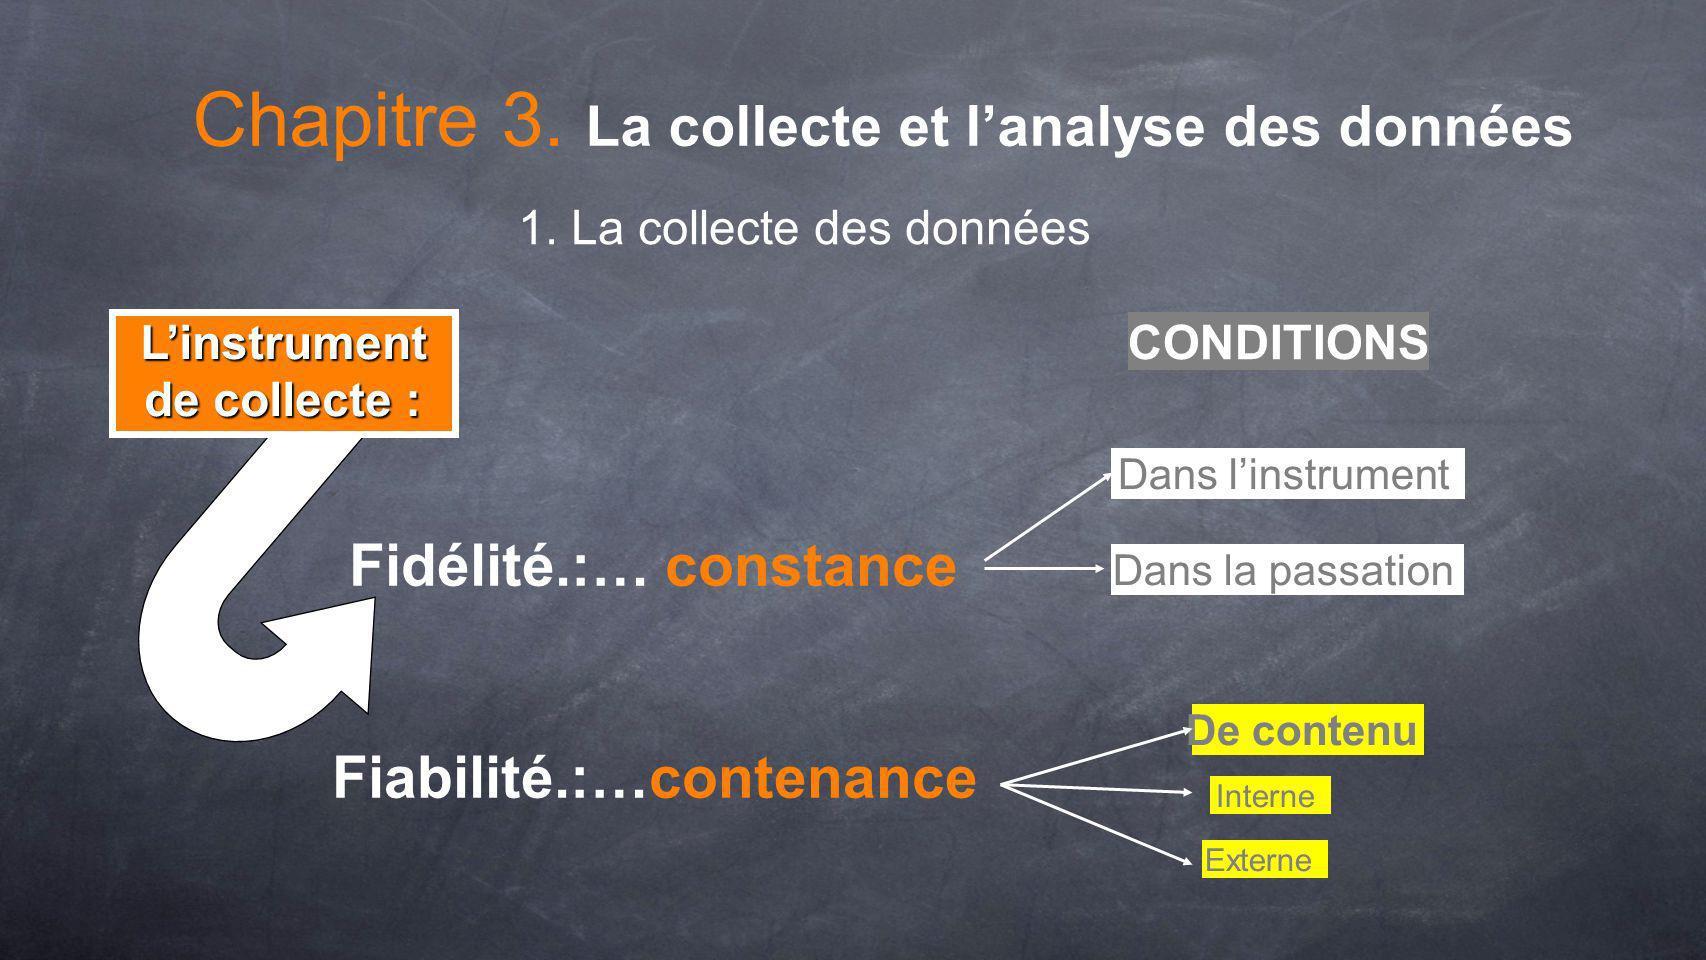 Linstrument de collecte : Fidélité.:… constance Fiabilité.:…contenance CONDITIONS Dans linstrument De contenu Interne Externe Chapitre 3. La collecte